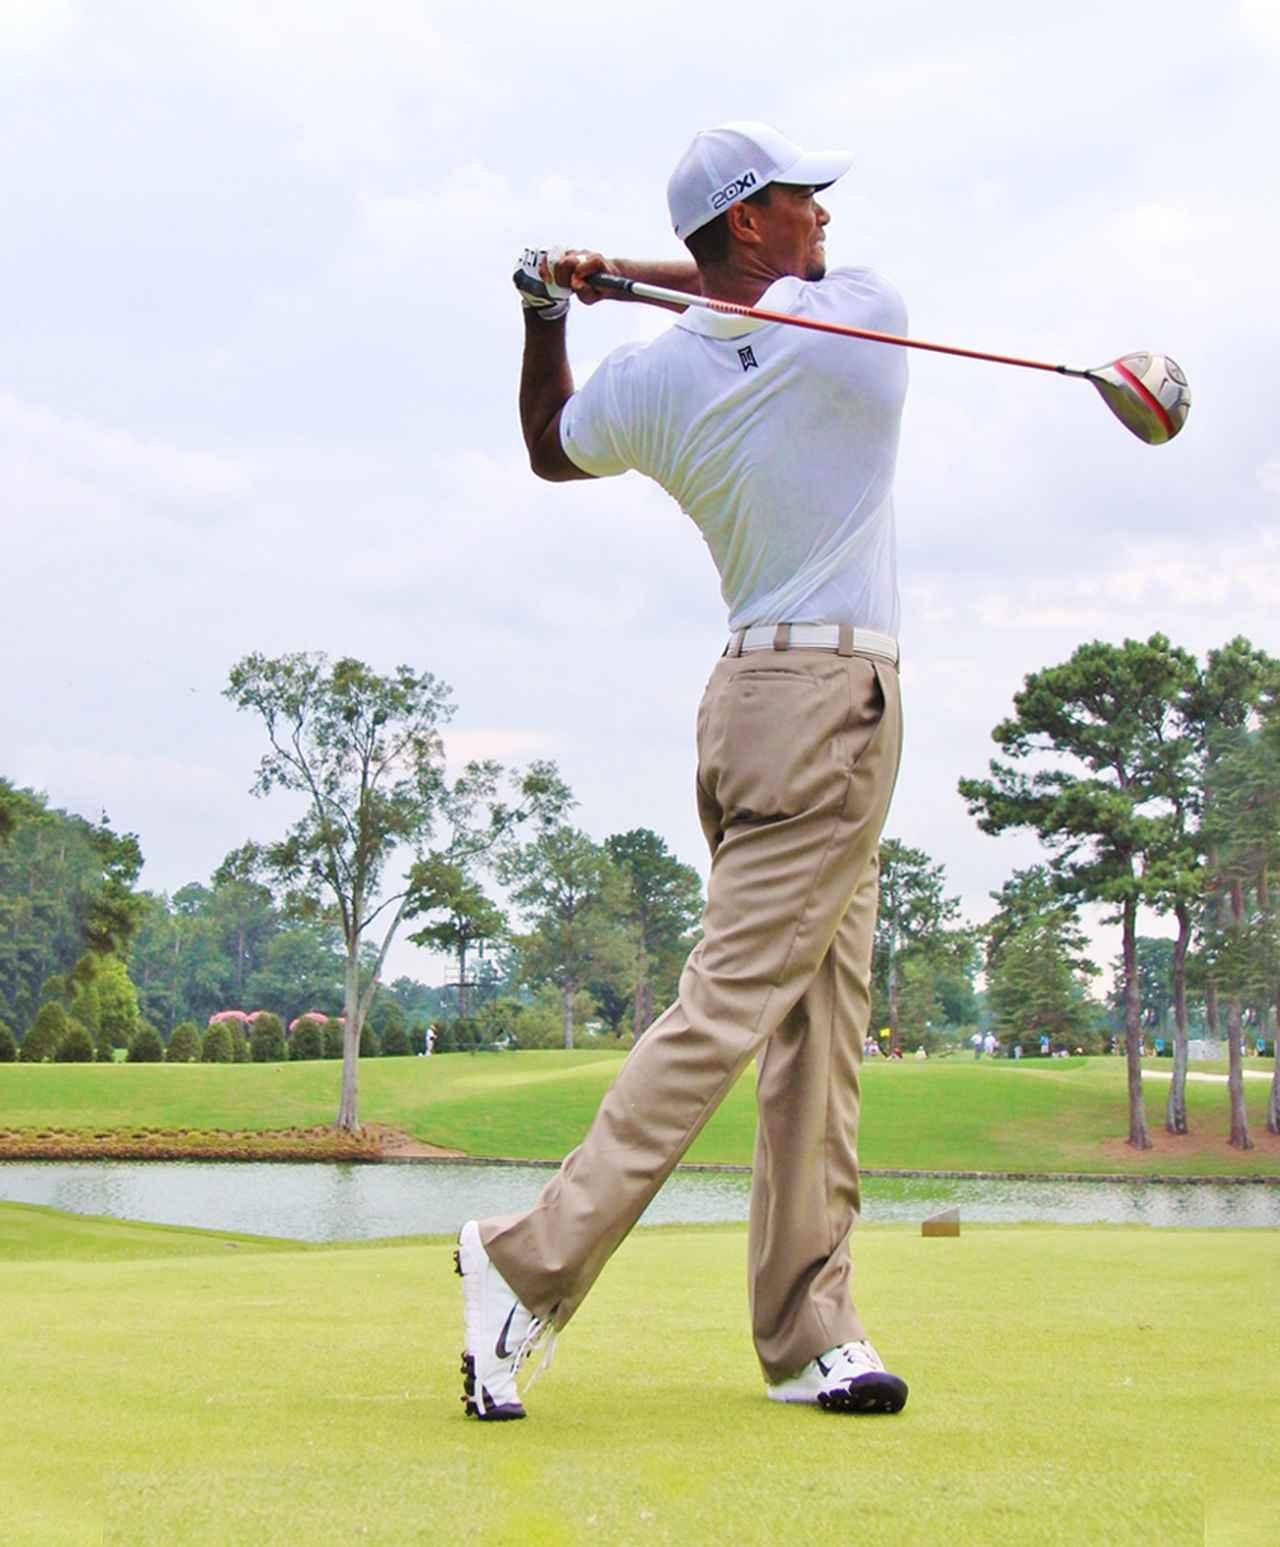 画像17: 【平成スウィング変遷史②】タイガー・ウッズが切り開いたパワーゴルフの時代